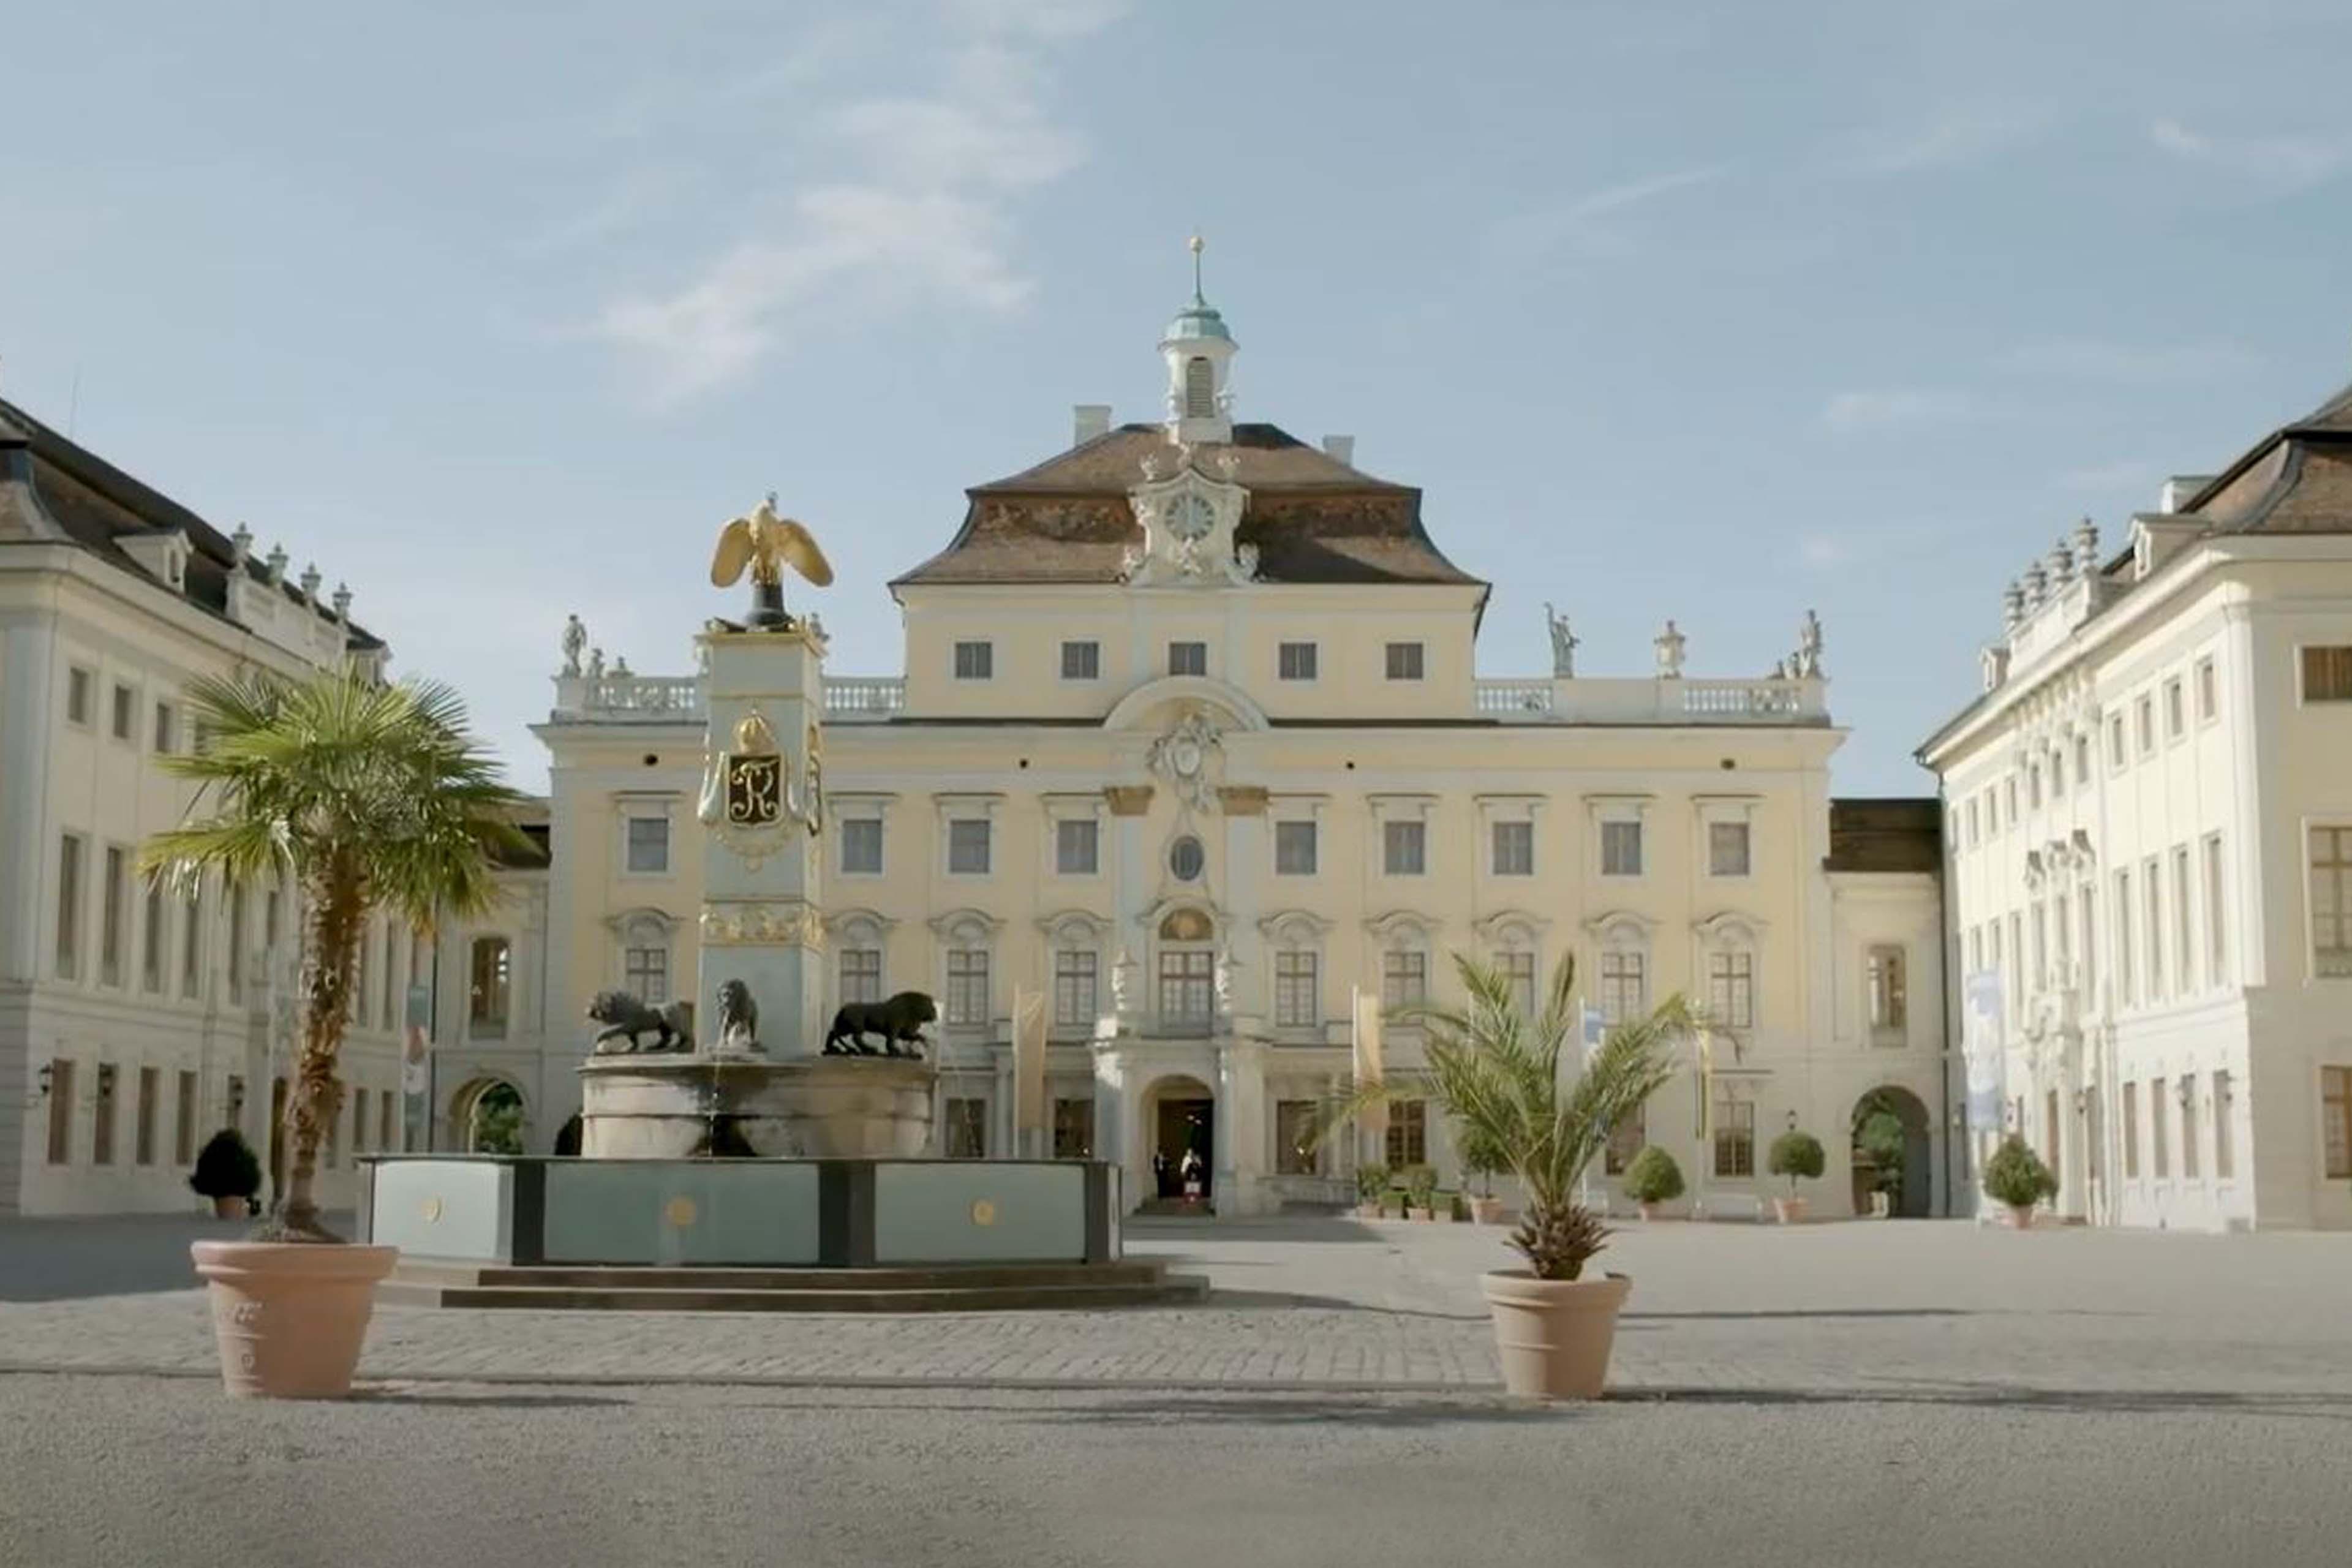 Ludwigsburger Residenzschloss